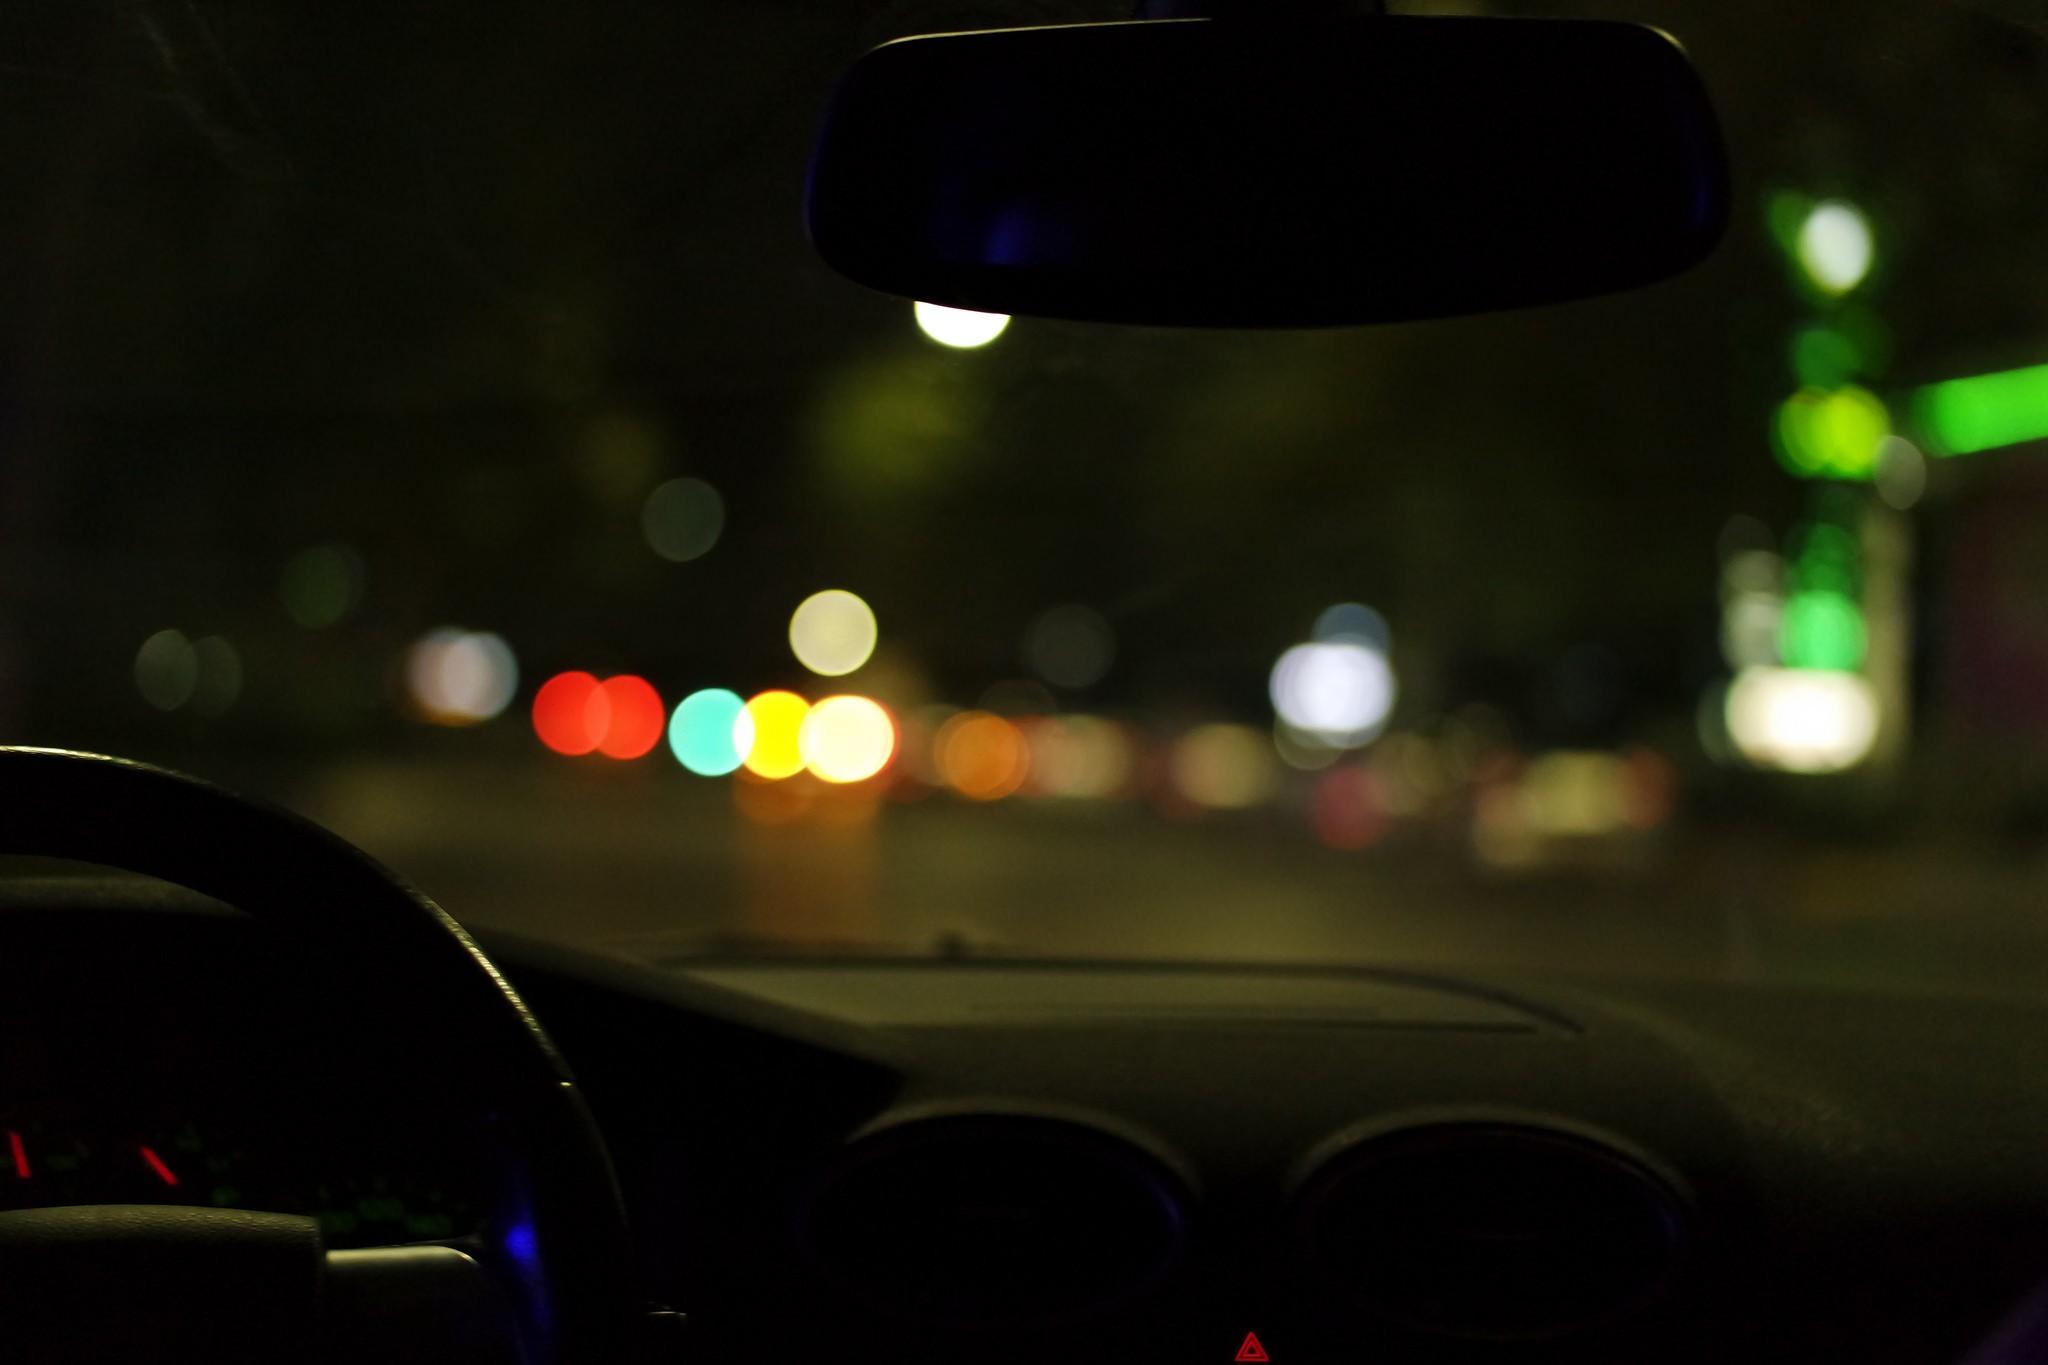 Wallpaper Pemandangan Malam Kendaraan Lampu Lampu Kota